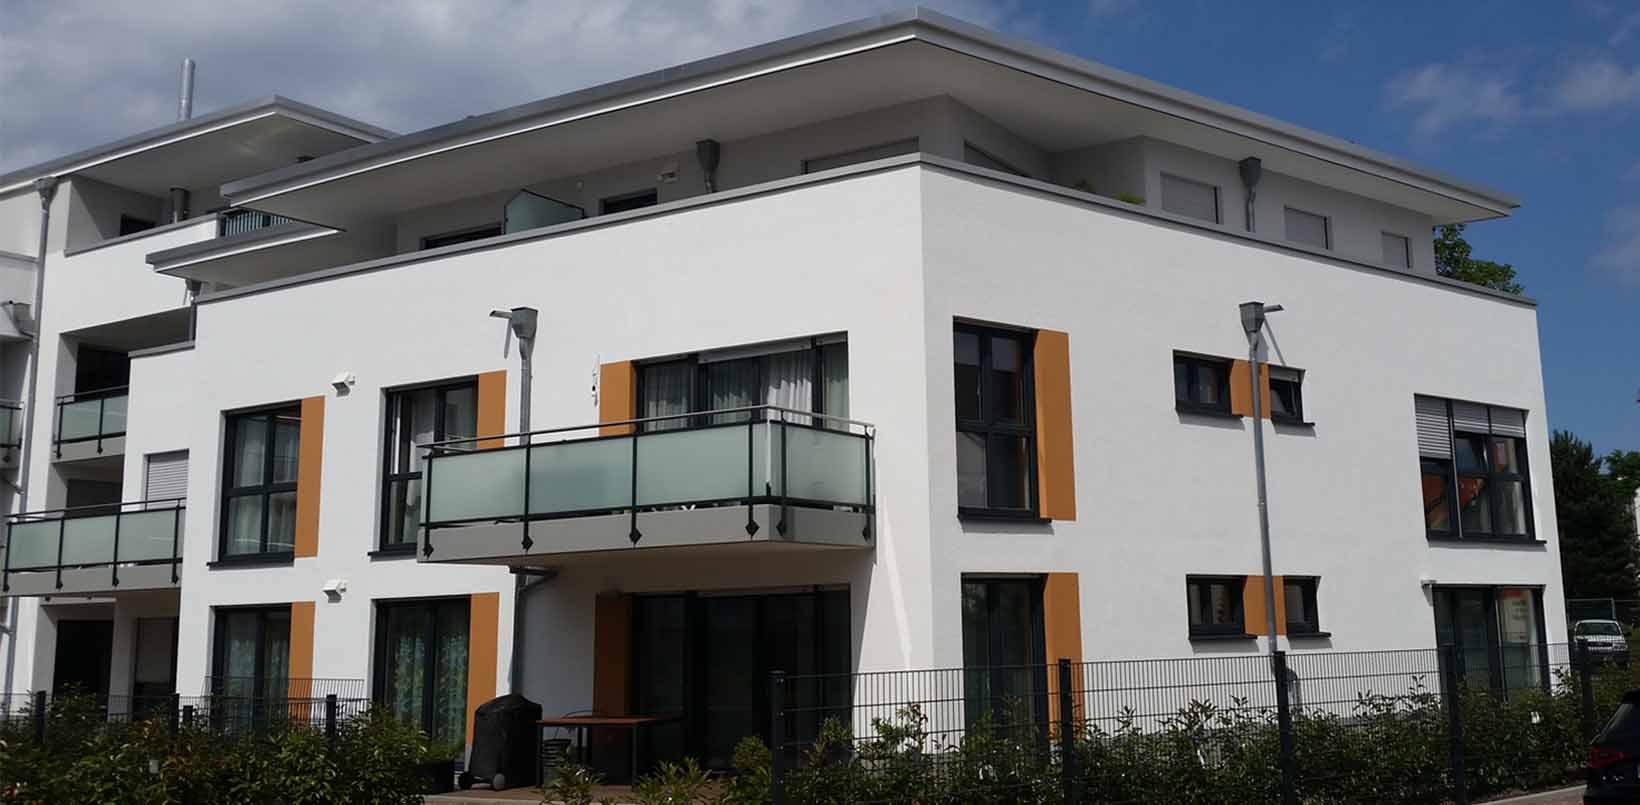 architekt christ wohnanlage frankfurt mainzerlandstra e 2. Black Bedroom Furniture Sets. Home Design Ideas